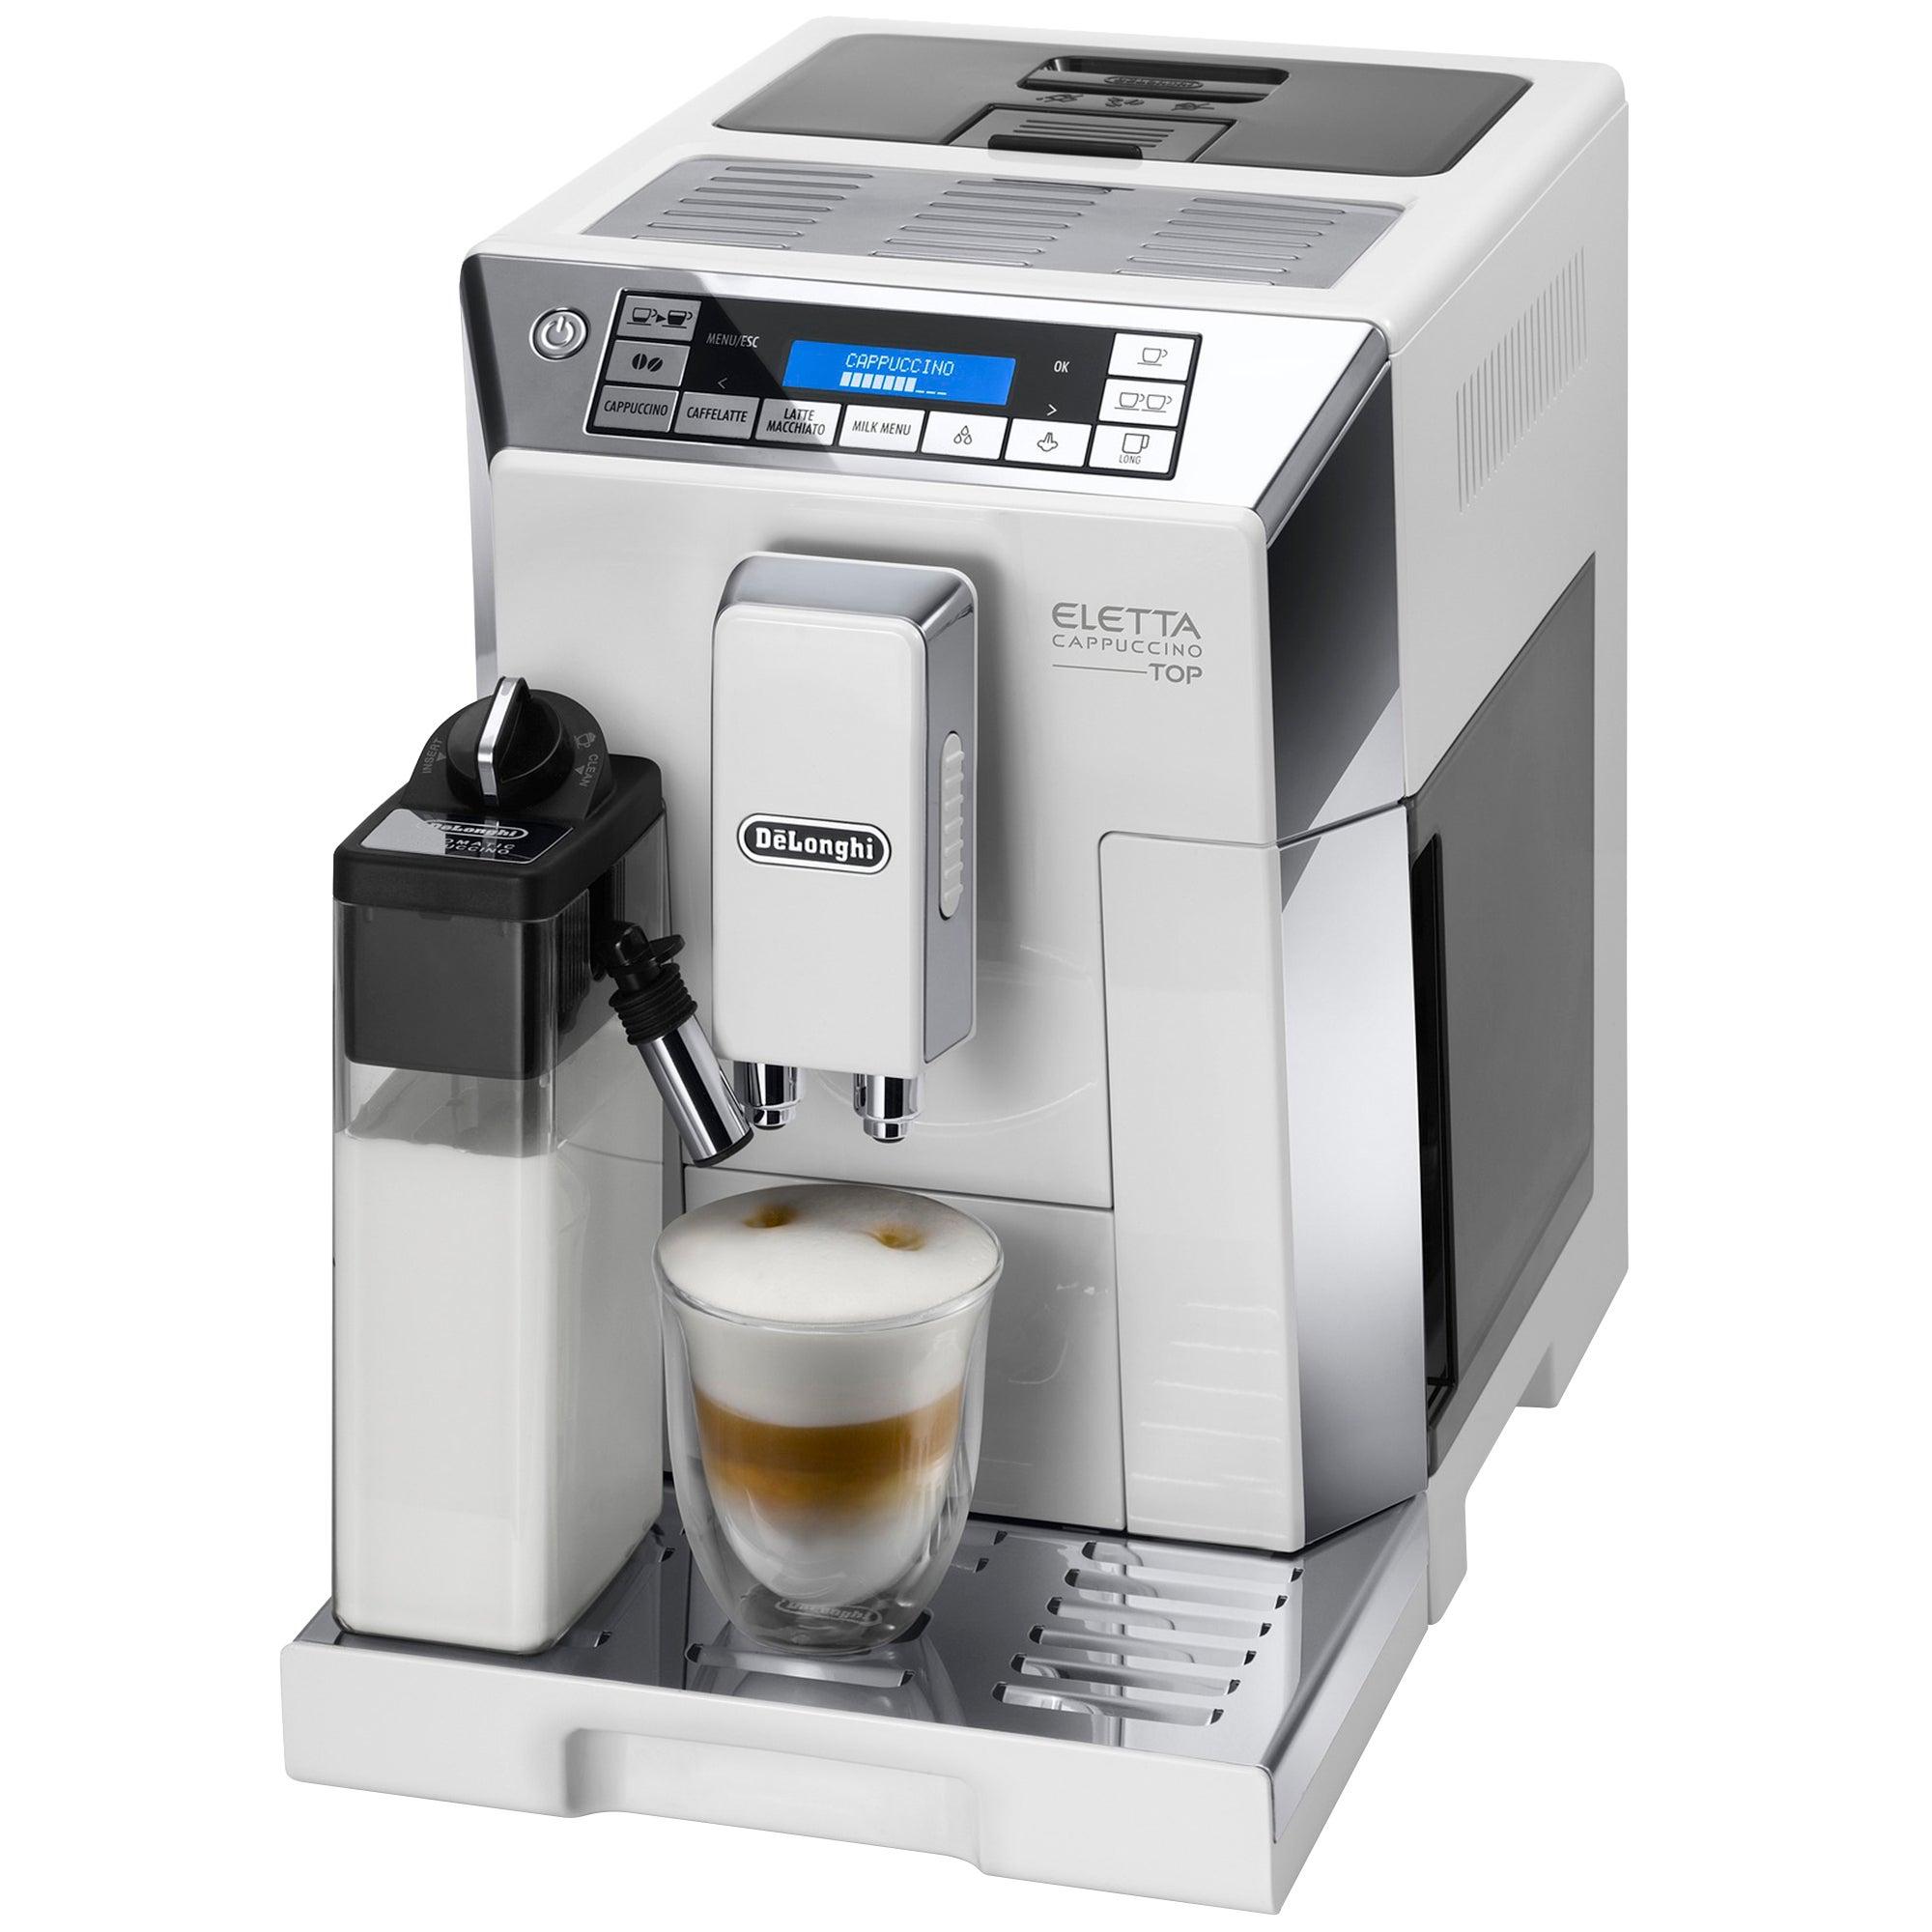 Photo of Delonghi bean to cup espresso cappuccino maker ecam45.760.w white